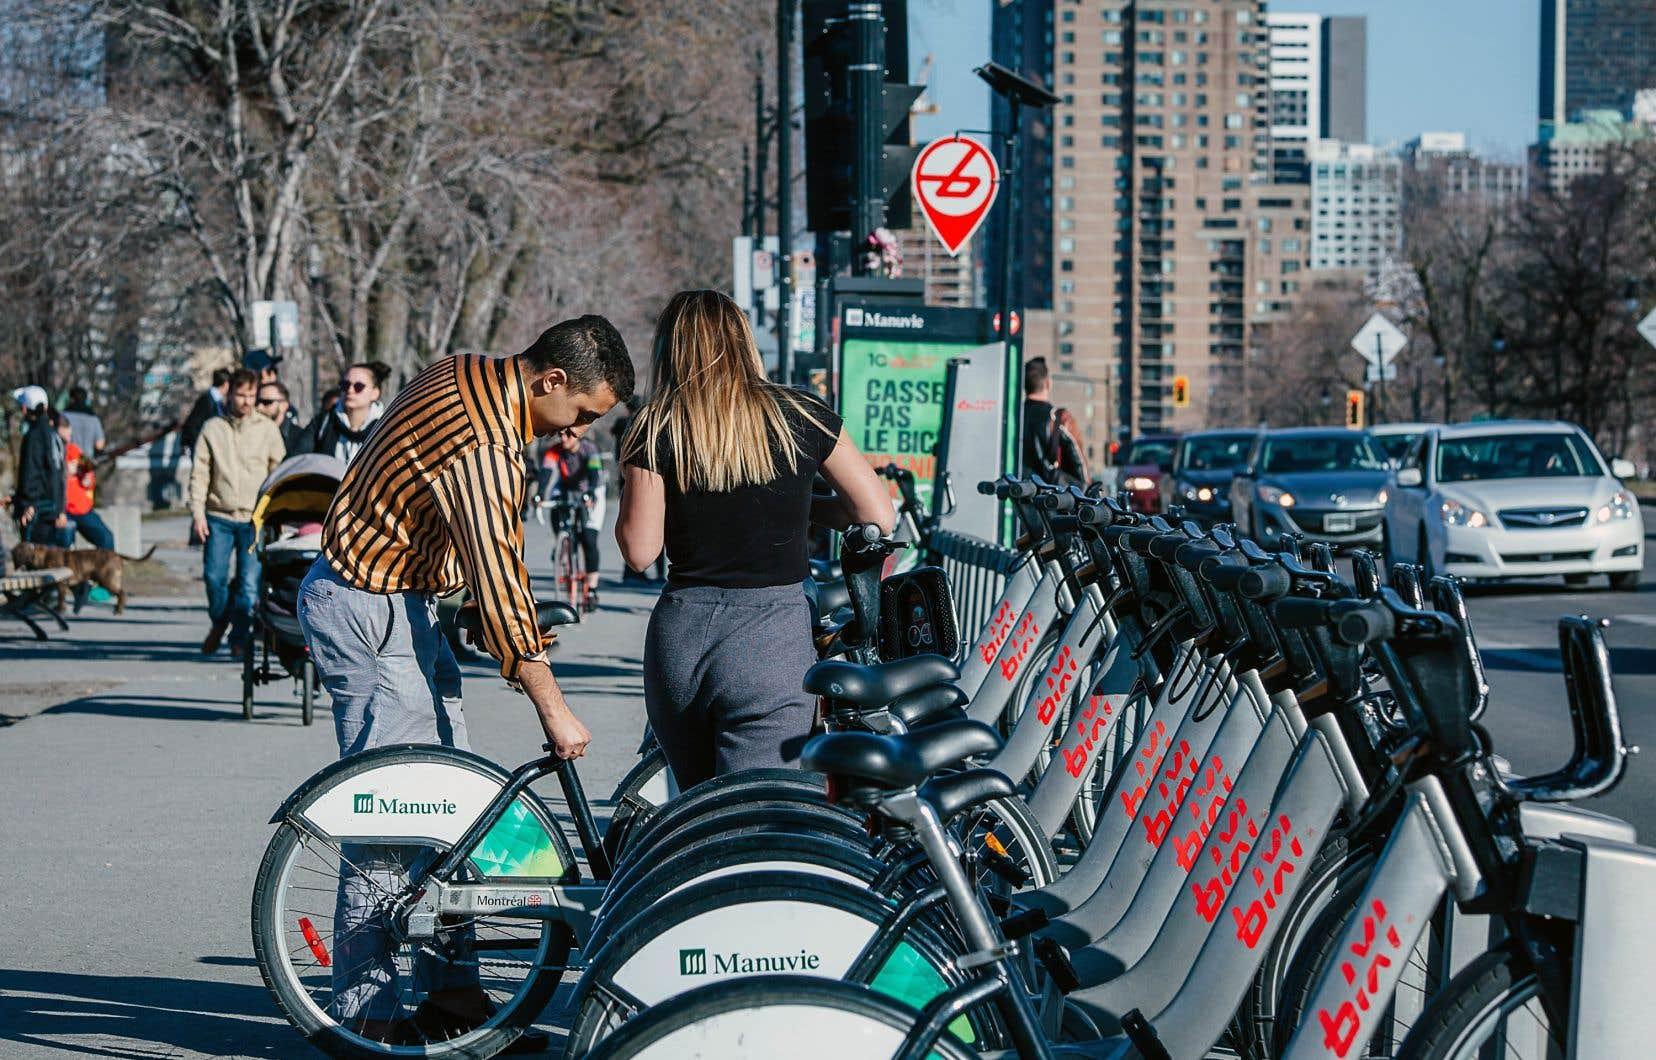 Si les différents modes de transport se côtoient dans la rue (ou sous terre), ils sont parfois difficiles à jumeler au quotidien pour les usagers, pour des raisons d'organisation ou encore de prix.